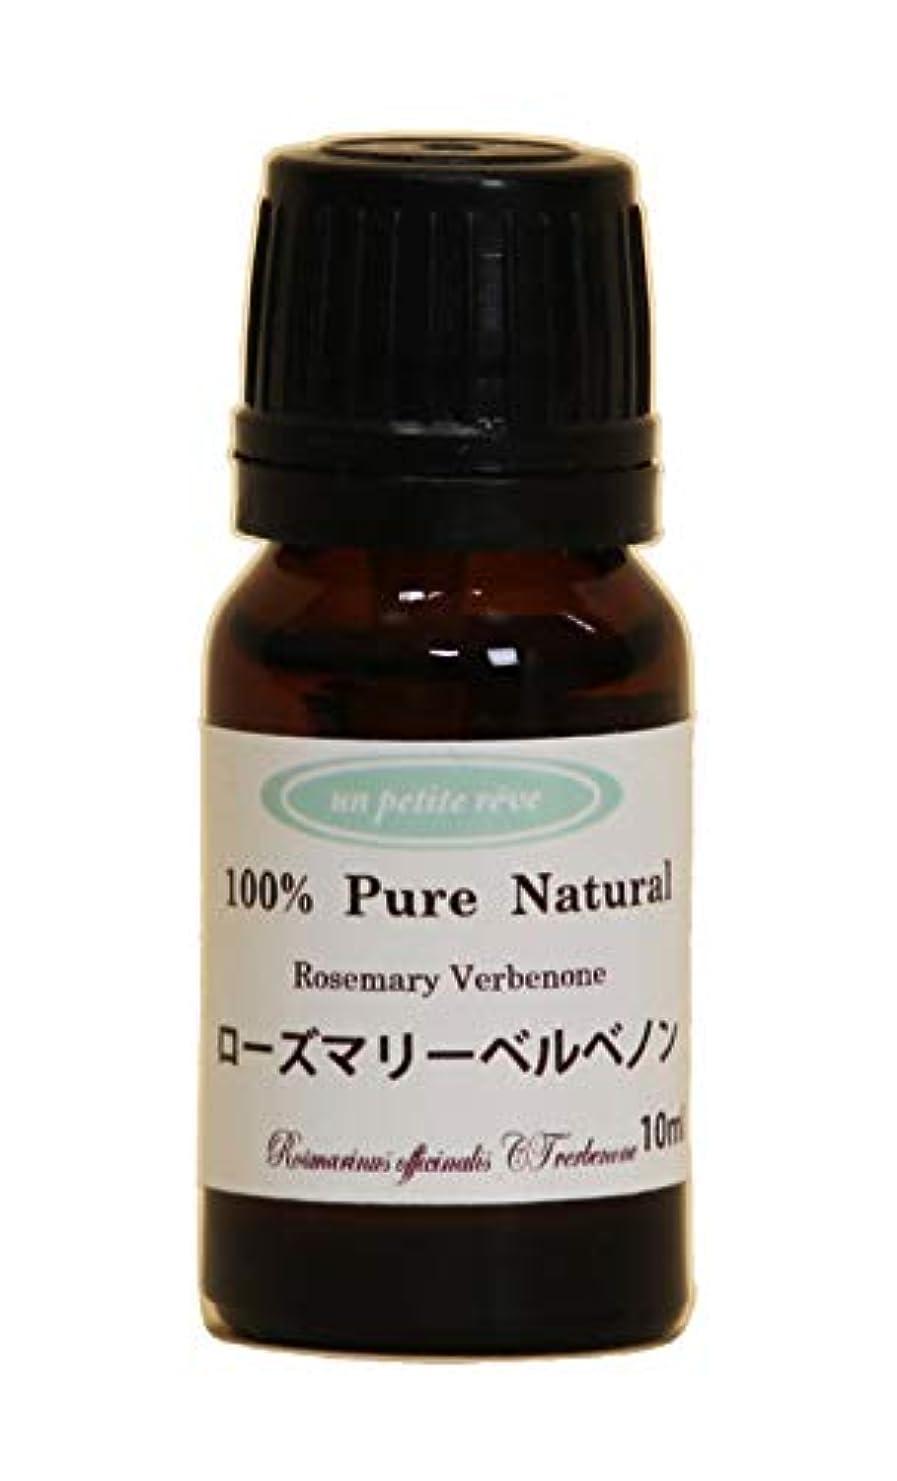 説明的アダルト降ろすローズマリーベルベノン  10ml 100%天然アロマエッセンシャルオイル(精油)